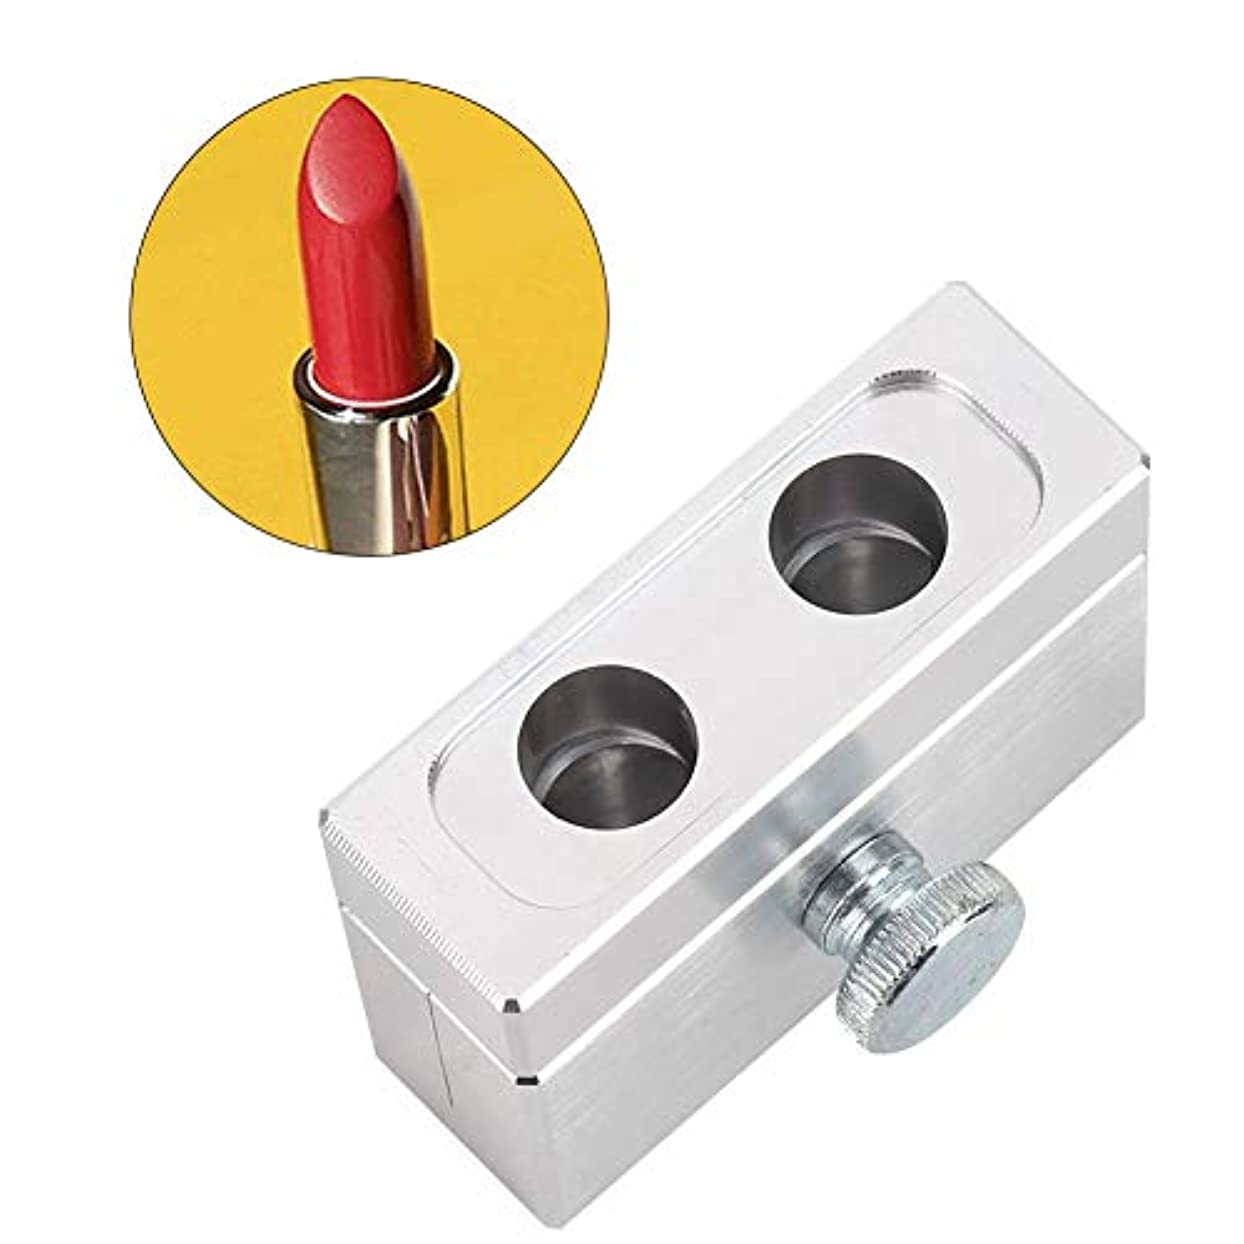 配当ローラー説明的DIY口紅型、口紅容器 12.1mm 2穴くちばし型アルミニウム合金リップバームモールドホルダートリプル使用化粧品リップバームフィルメーカー成形ツール(銀色)